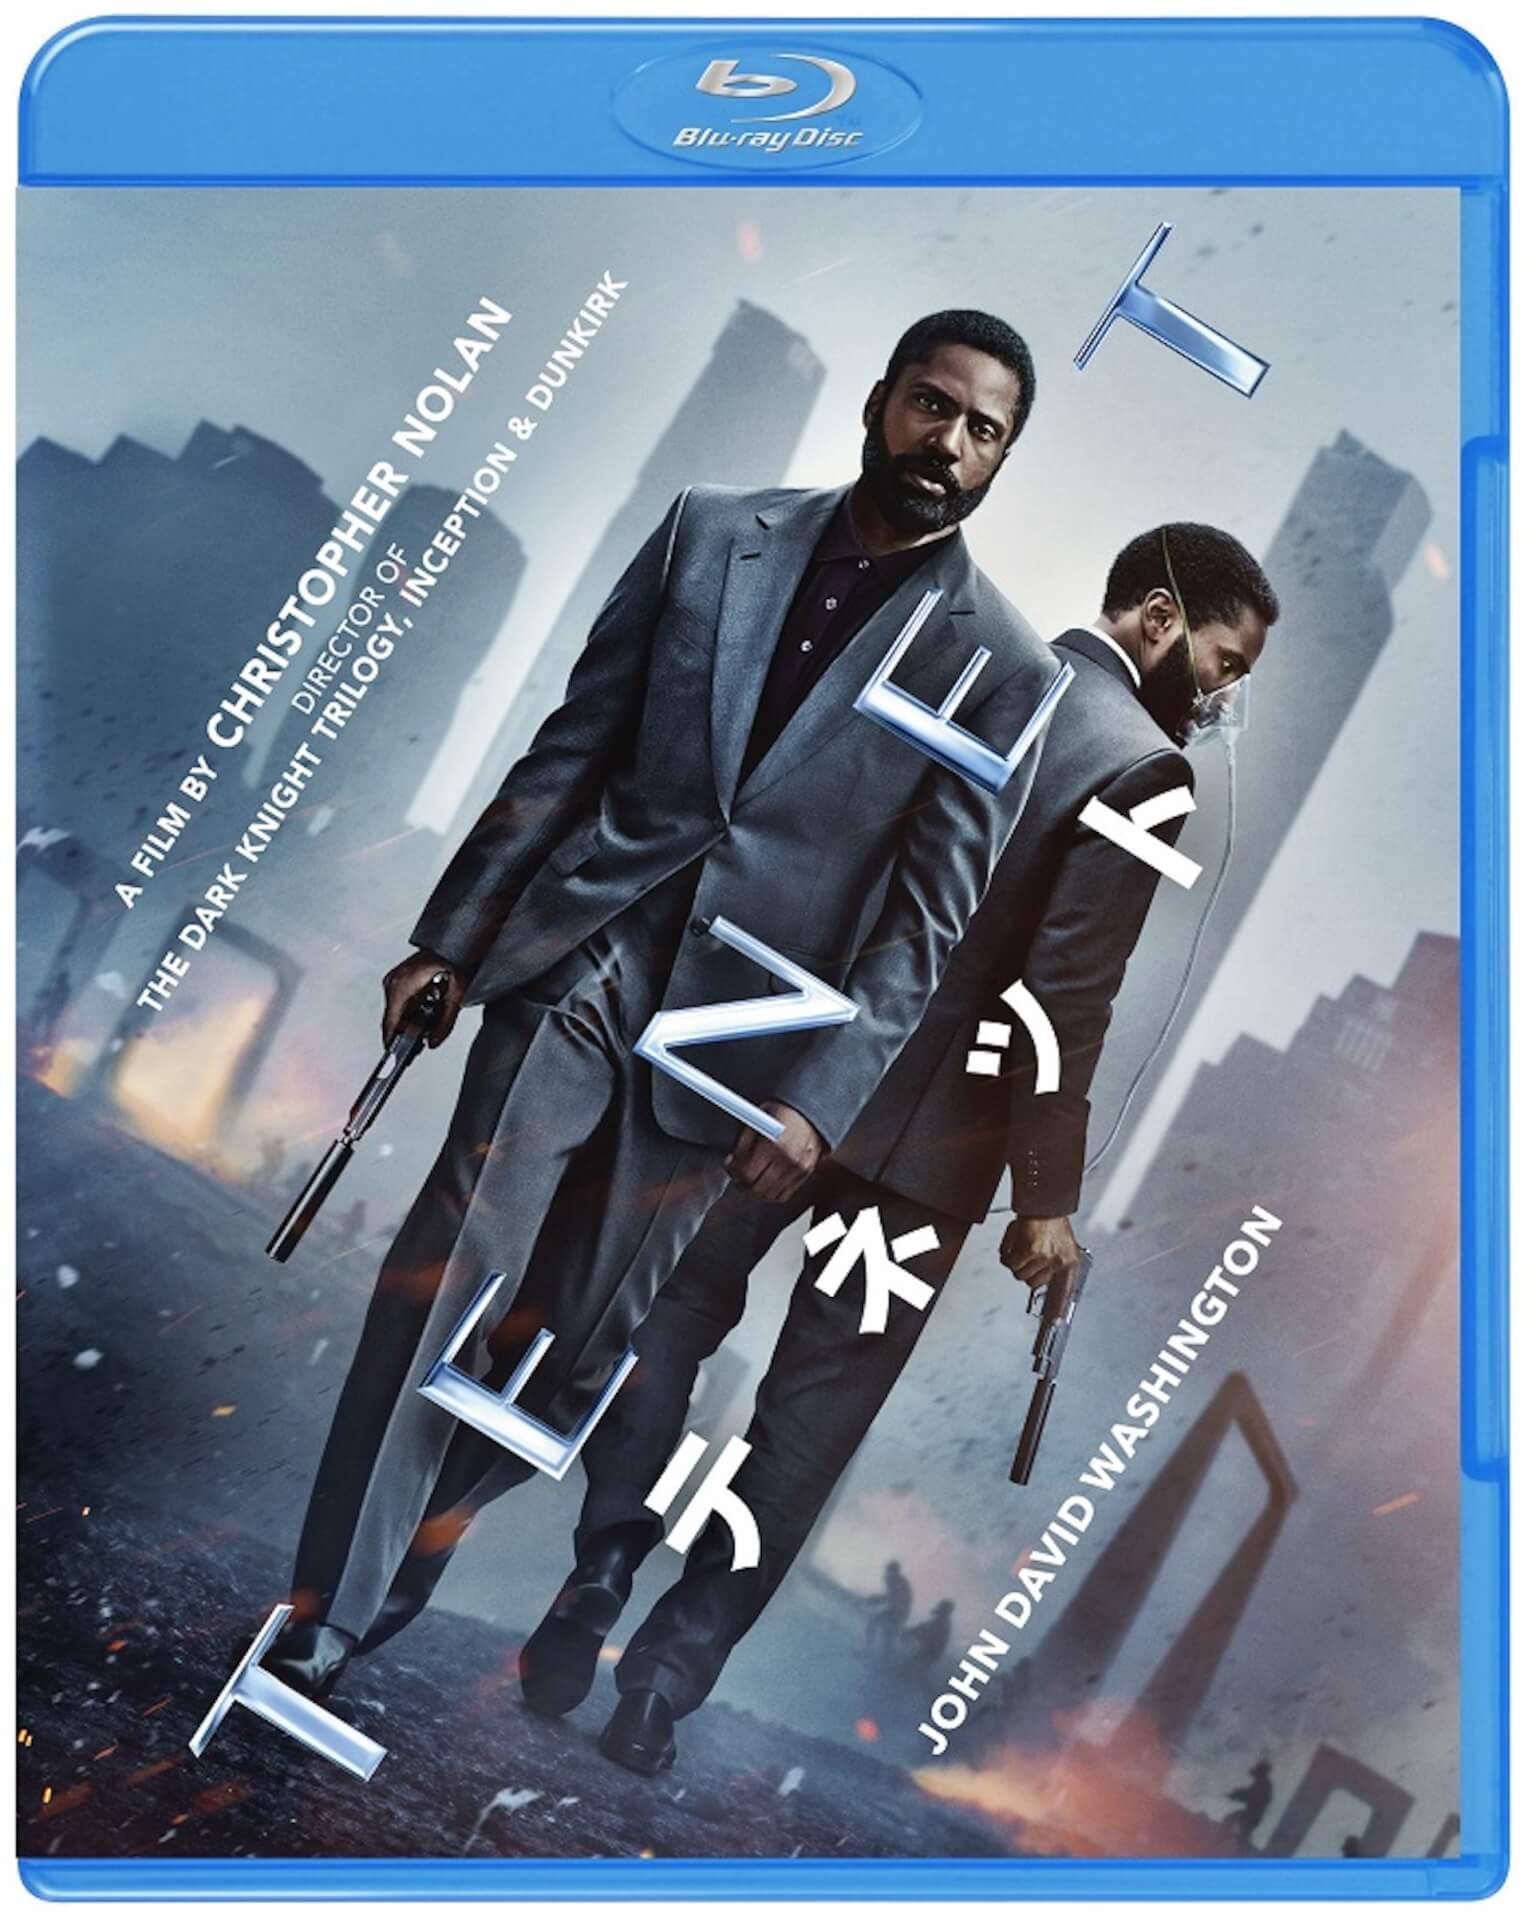 大ヒットを記録したクリストファー・ノーラン監督作『TENET テネット』が早くも12月よりダウンロード販売開始!来年1月Blu-ray&DVD発売 film201127_tenet_4